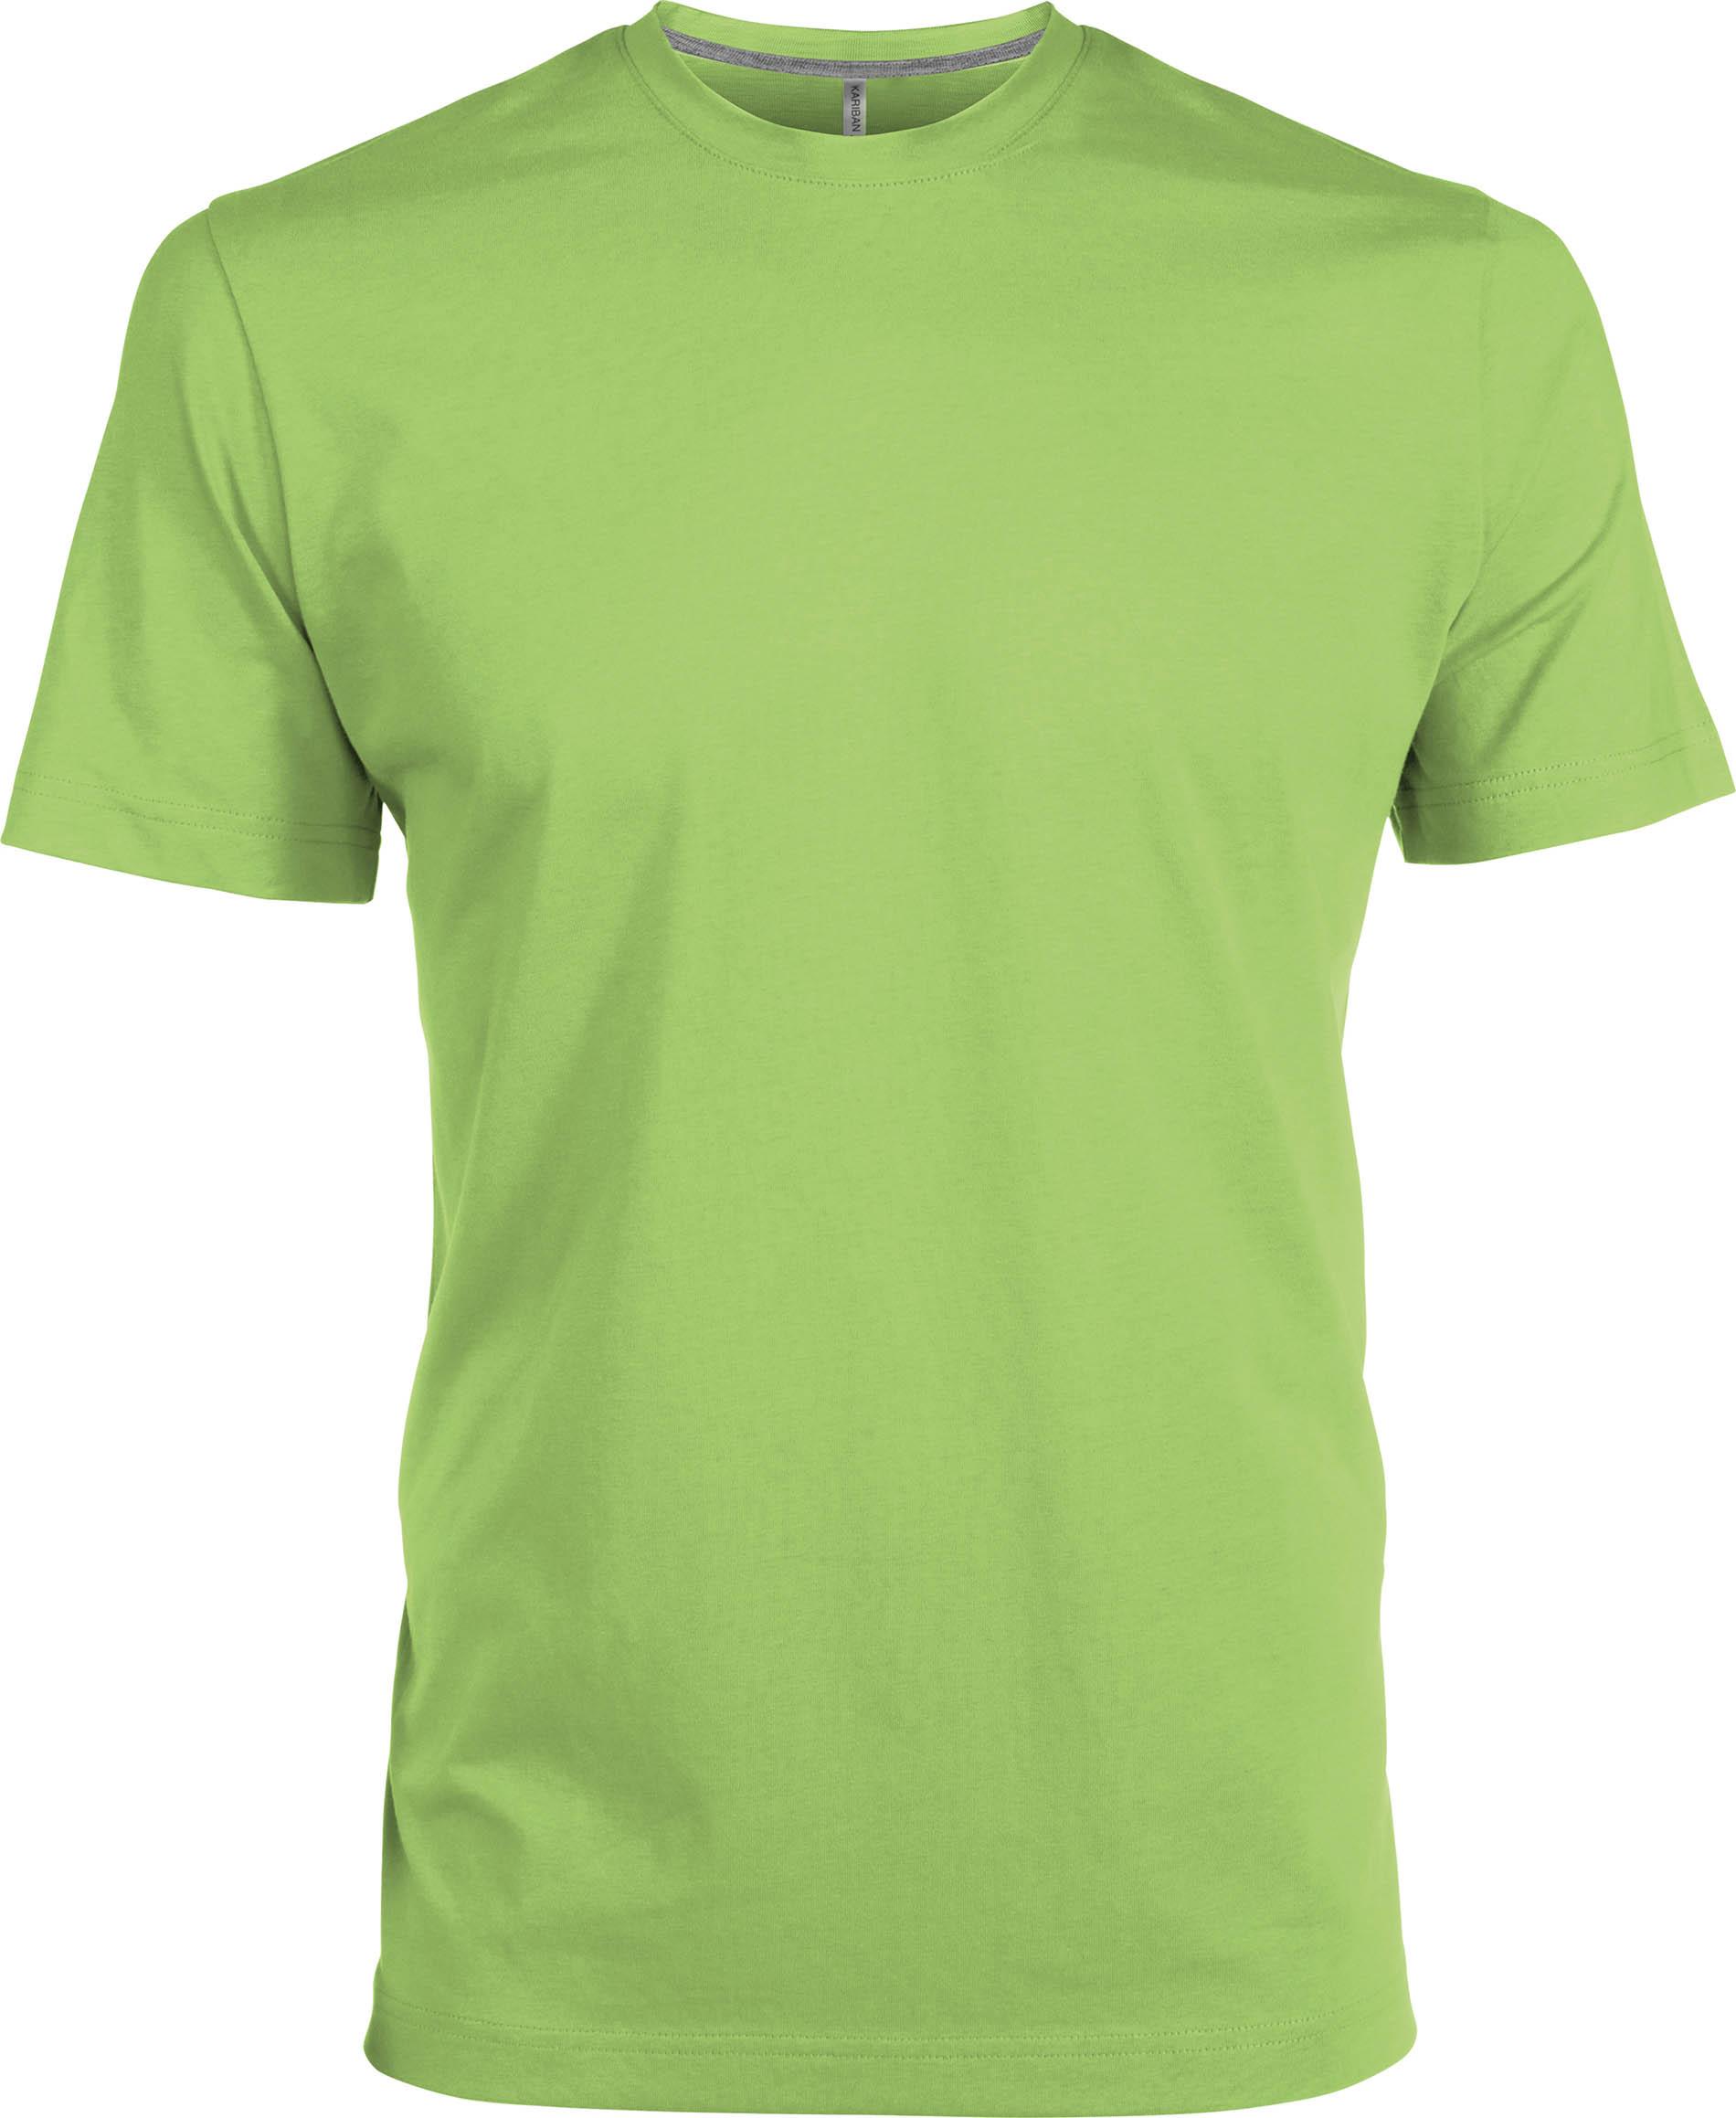 T-paita K356 Lime